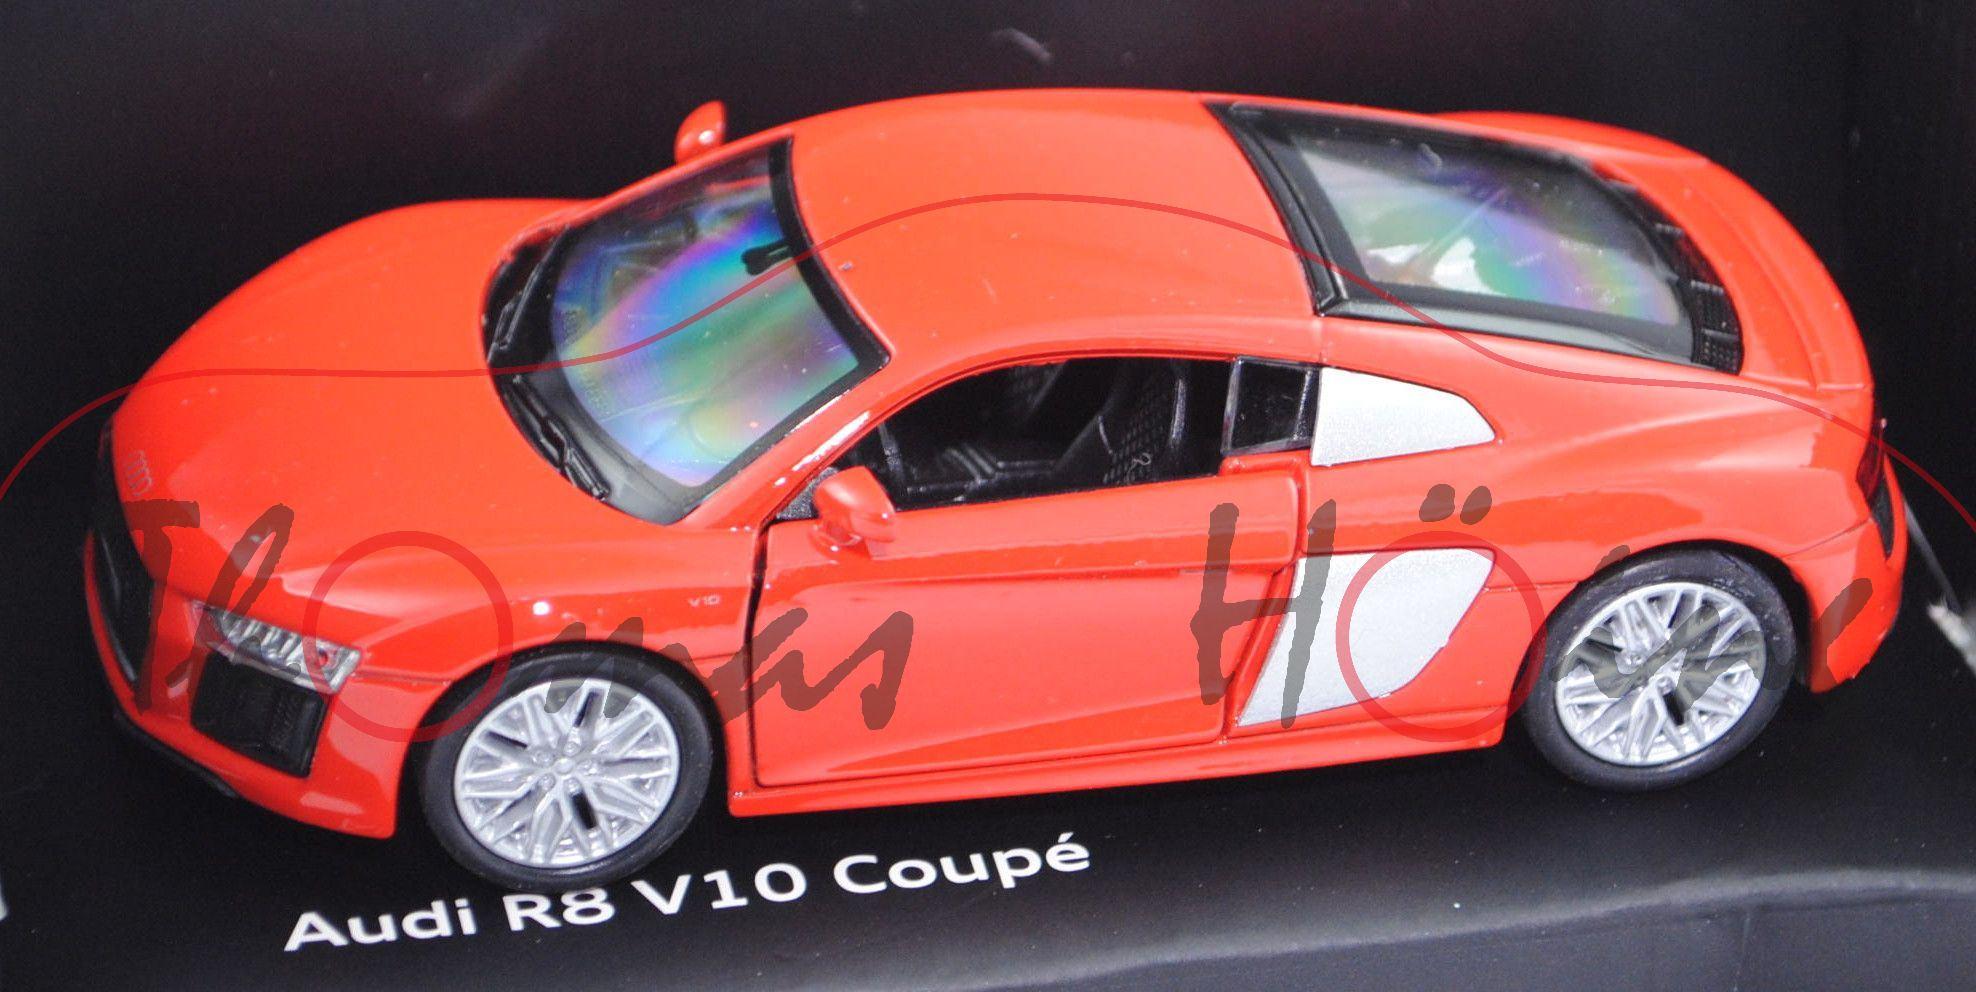 Audi R8 V10 Coupé Typ 4S 2 Gen Mod 15 dynamitrot Pullback